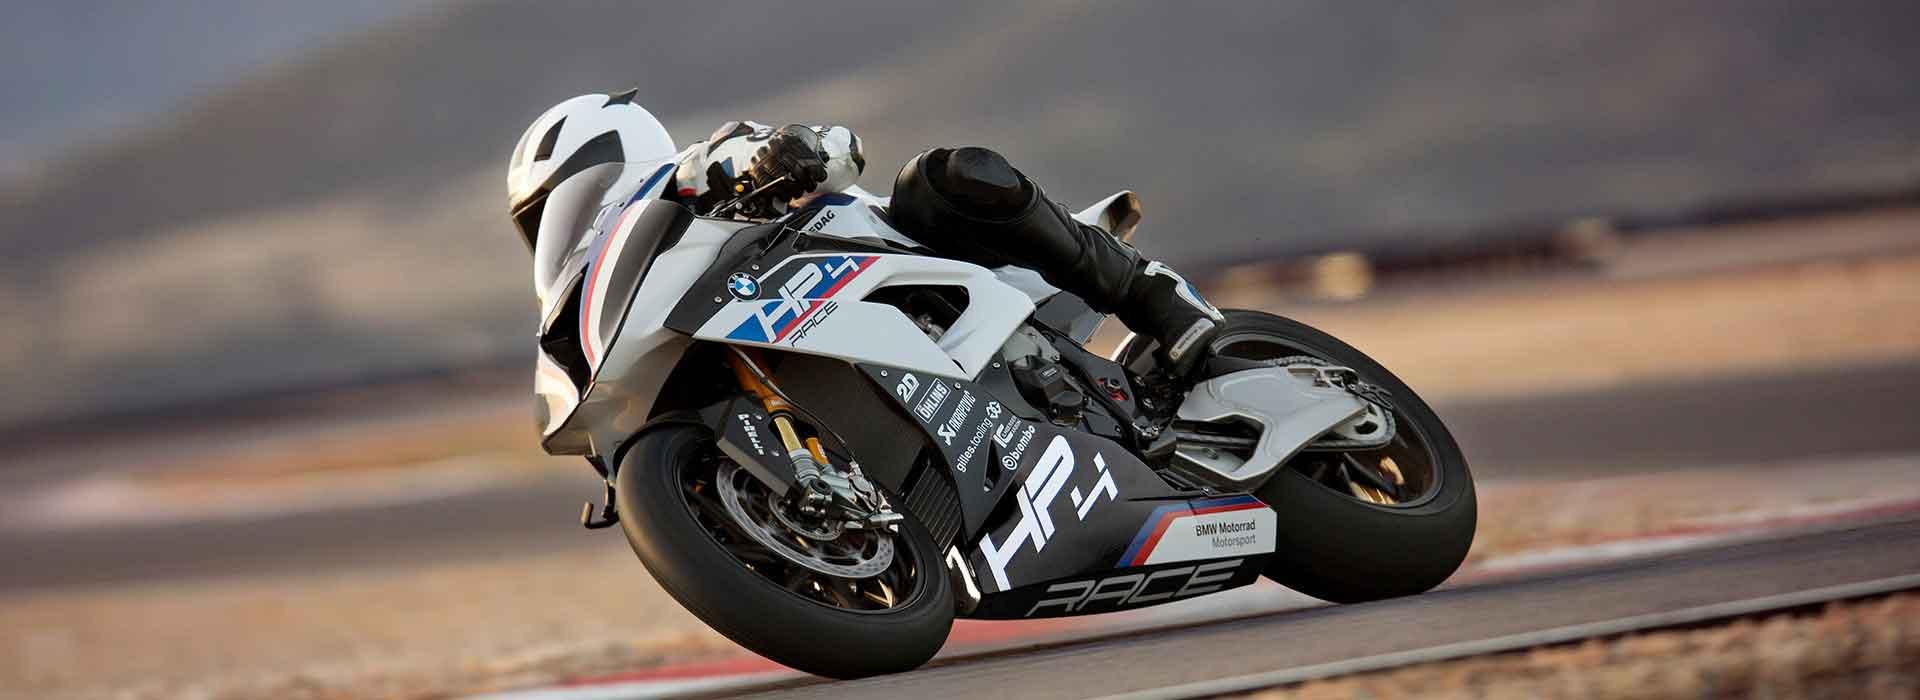 Motor Baru BMW - HP4 Race